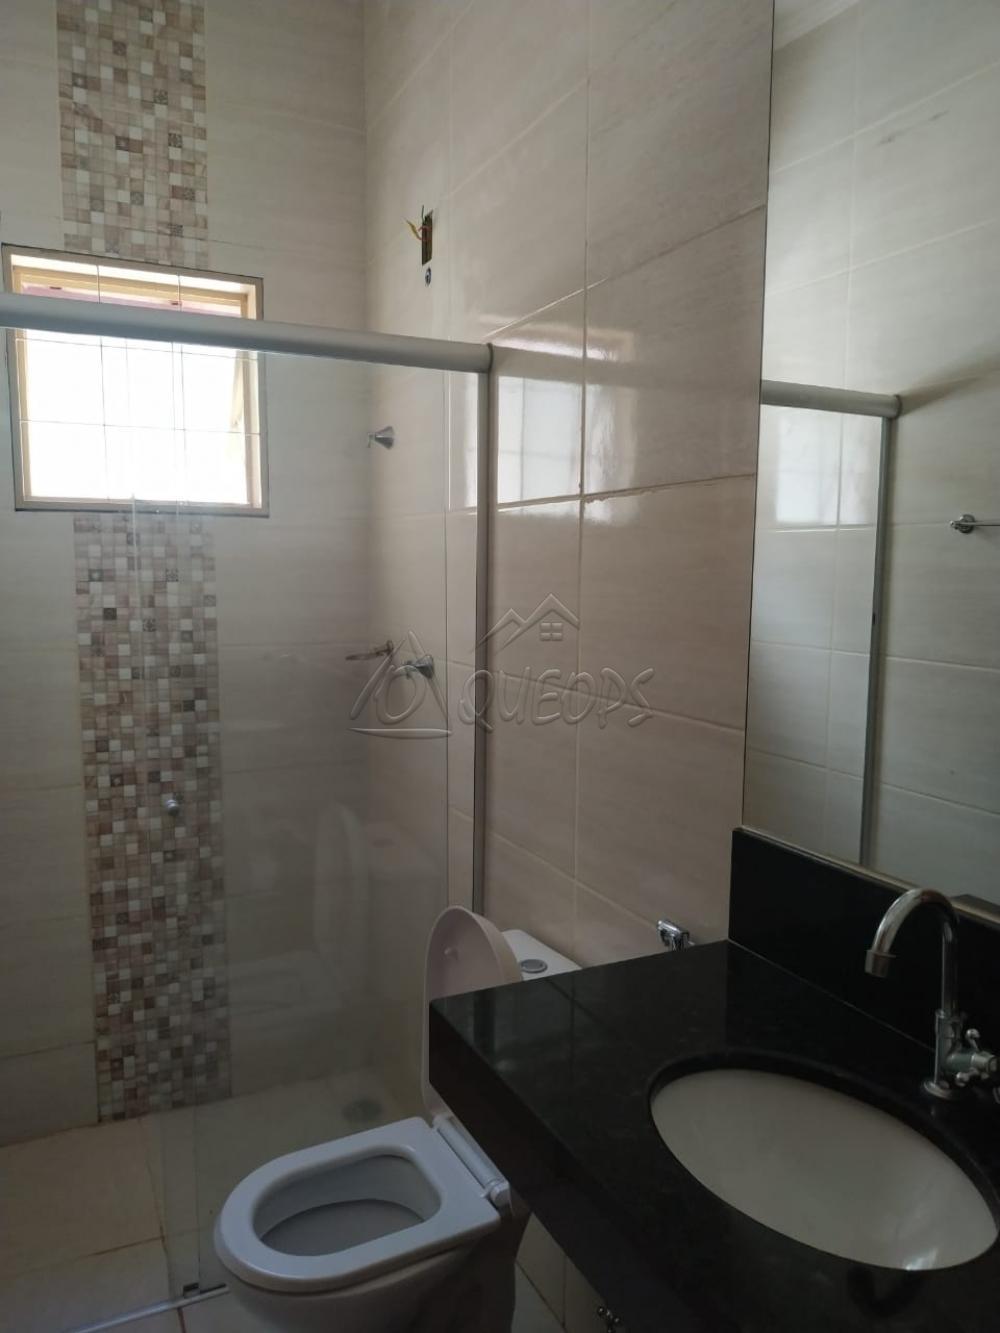 Alugar Casa / Padrão em Barretos apenas R$ 1.000,00 - Foto 5